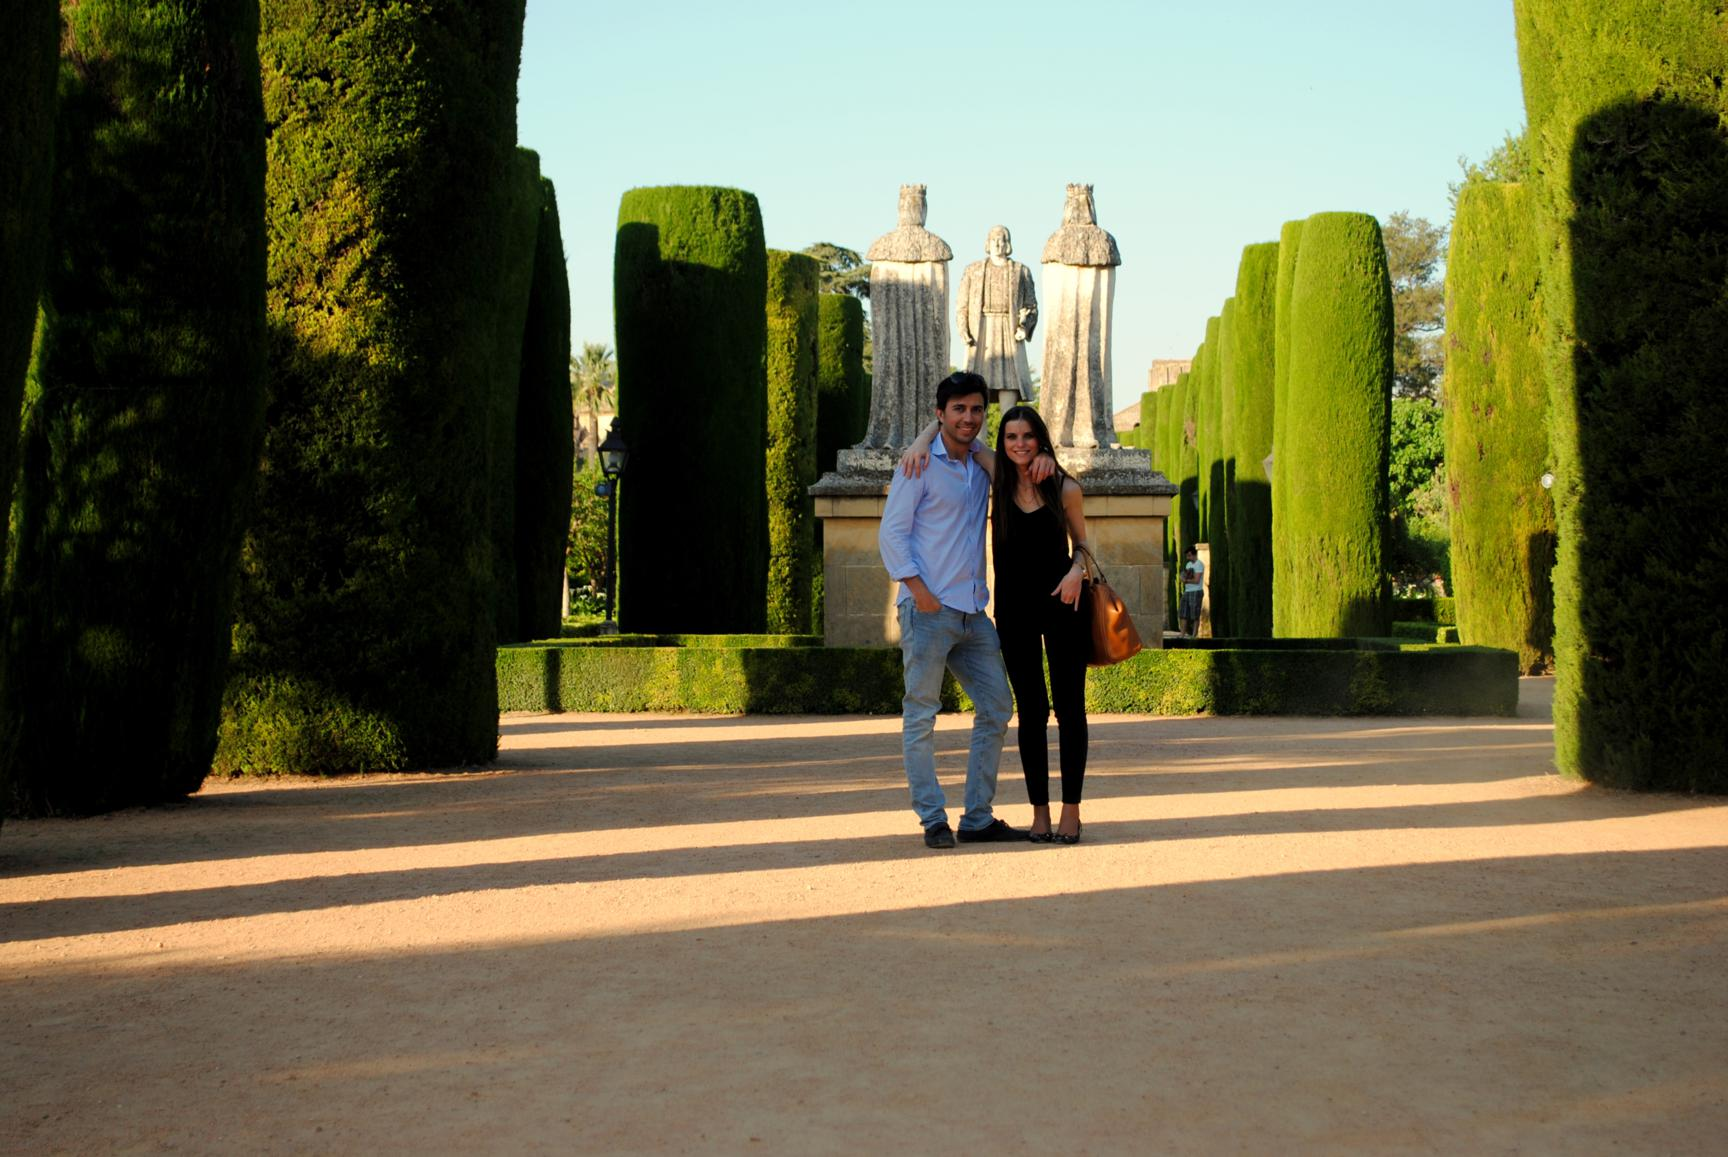 jardines-reales-7